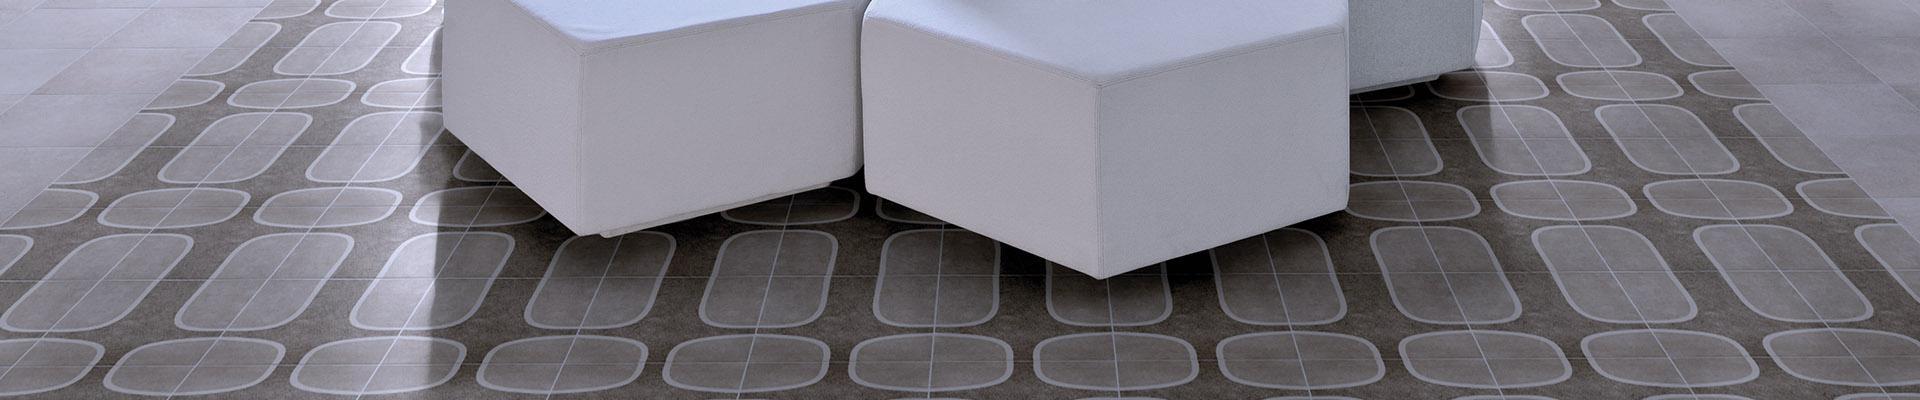 Linha de Revestimento Cerâmico / Porcelanato Rio 21 - Uma interpretação muito contemporânea e autoral do ladrilho hidráulico. Desenhos que formam padrões geométricos a partir de releituras de ícones da cidade maravilhosa.  Uma linha que amplia as opções de personalização de superfícies, mais uma ferramenta para a criatividade em projetos. Com um olho no contexto e outro no detalhe, as propostas com Rio 21 serão sempre originais.